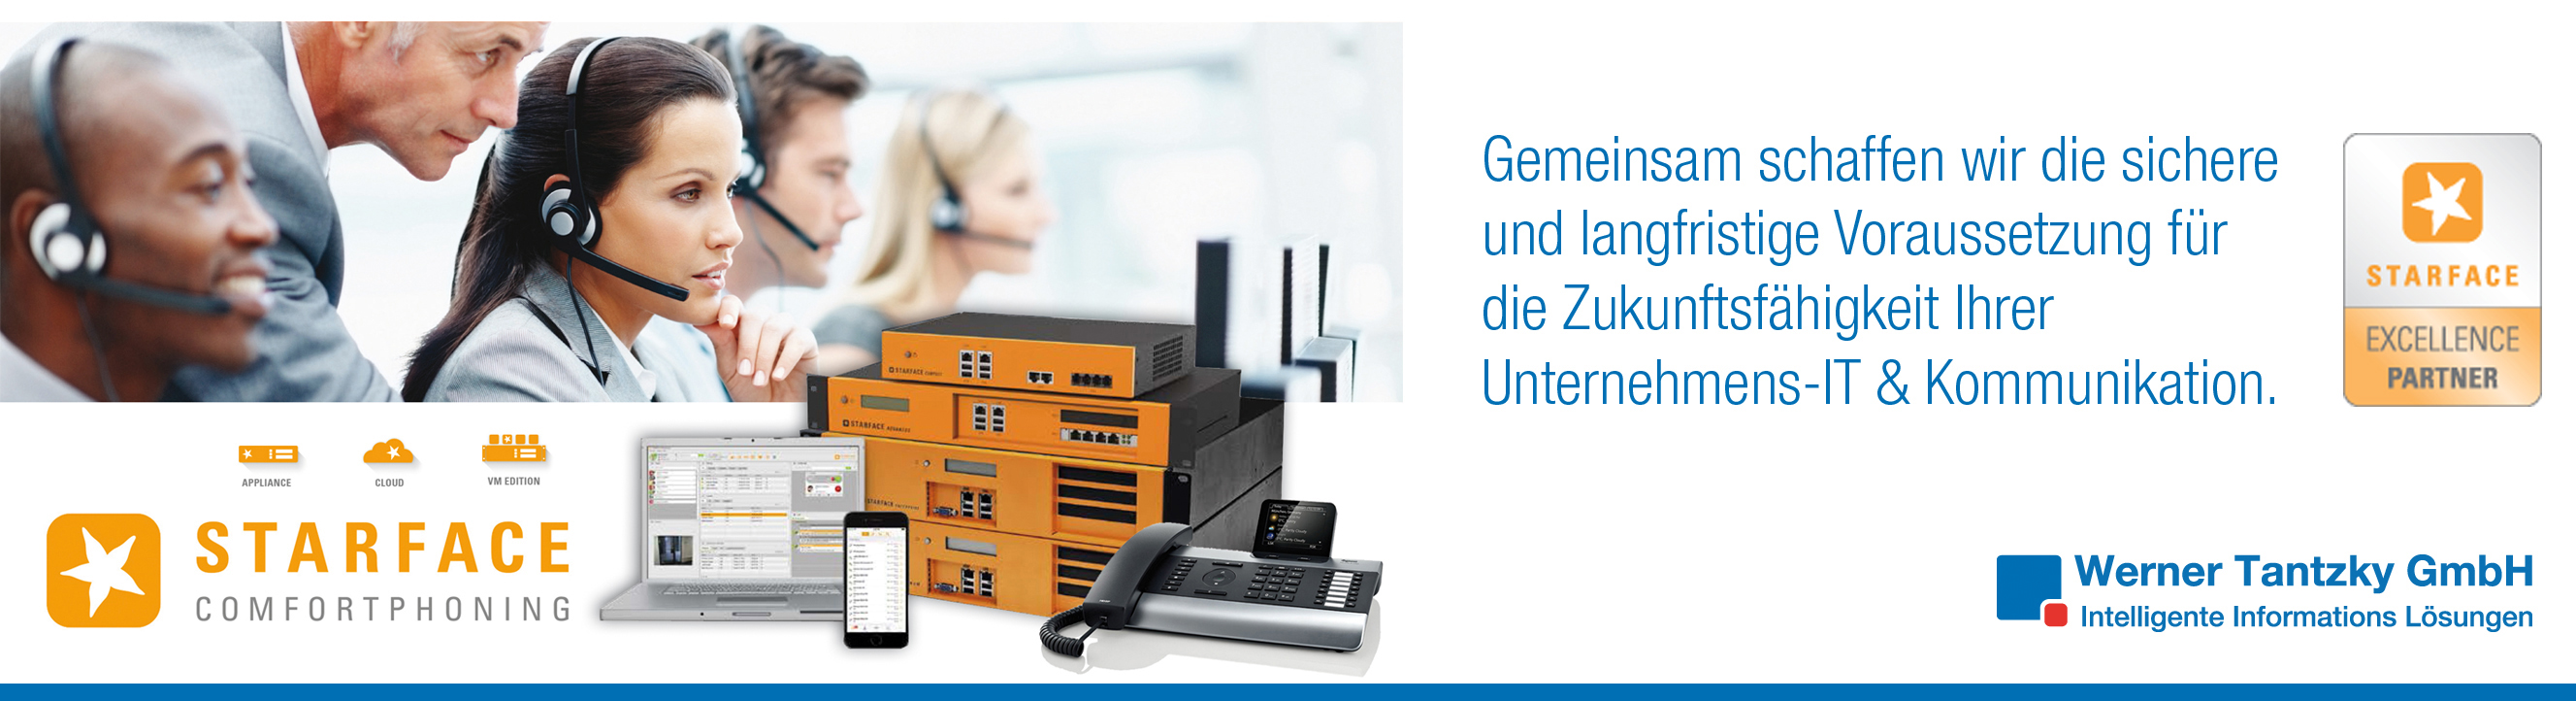 ISDN-Abschaltung bis 2018 - Mit unseren All-IP Lösungen sind Sie bestens vorbereitet.